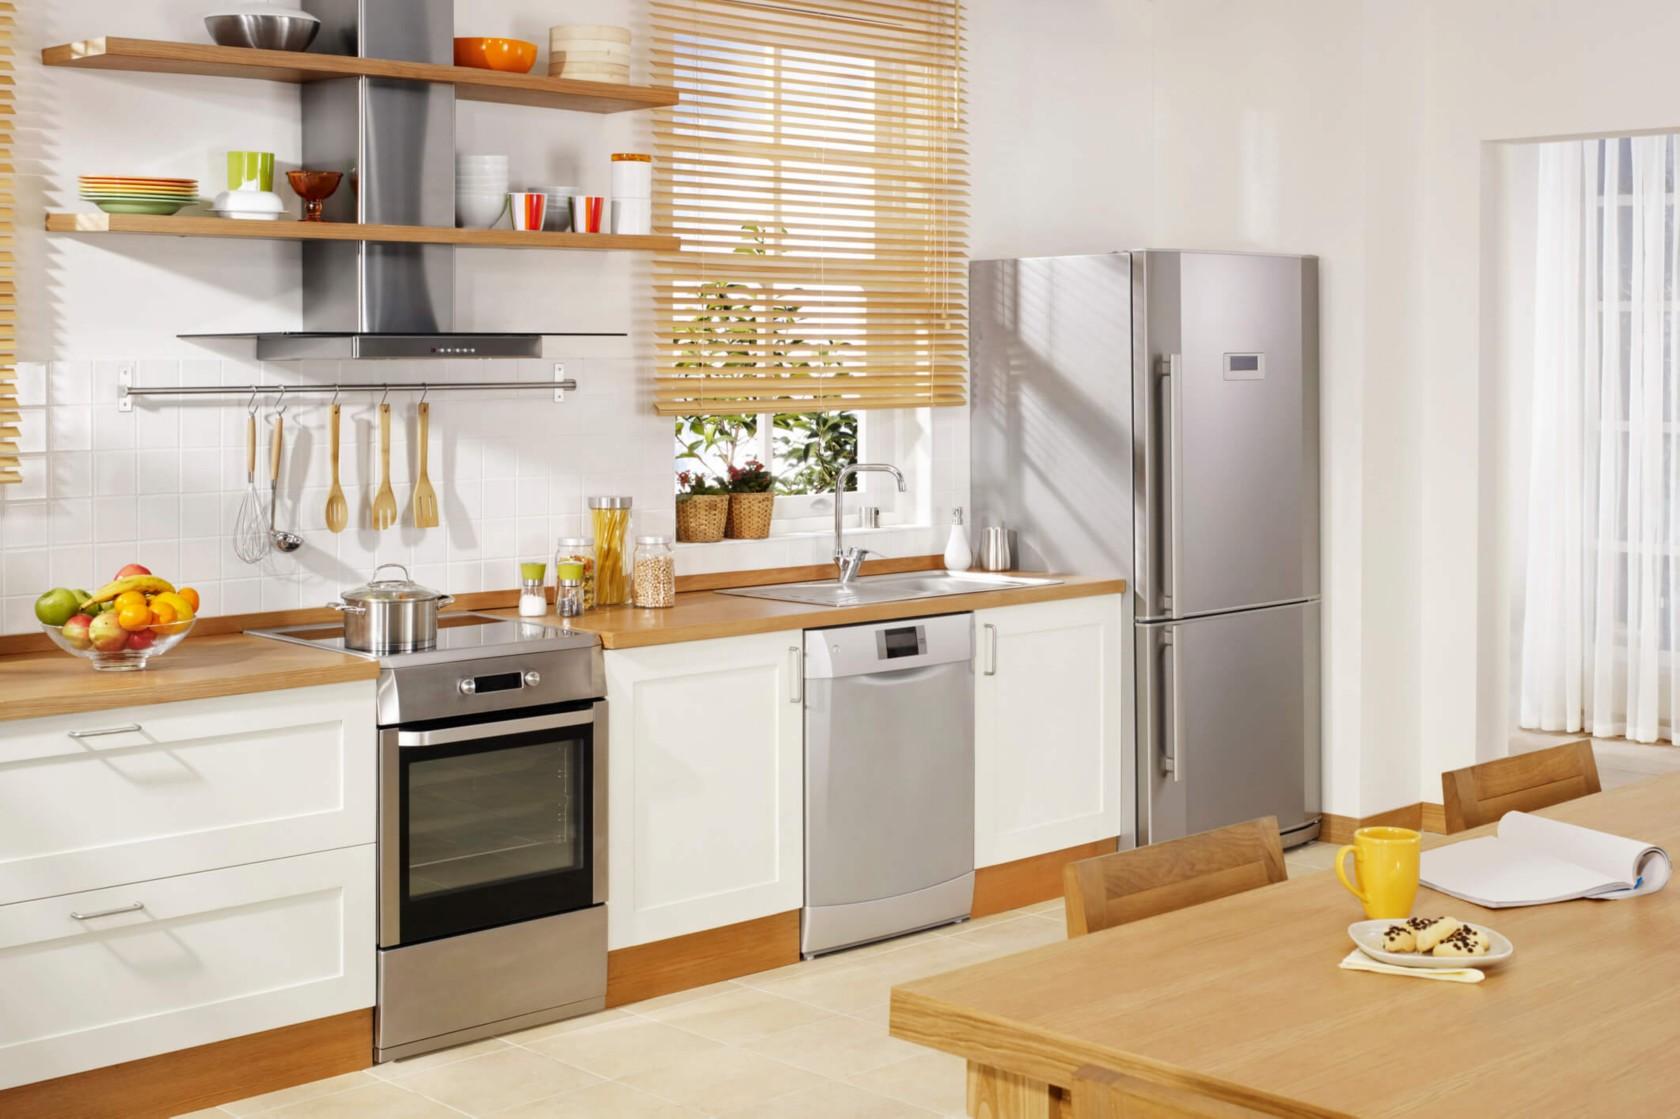 Küche mit Spülmittel reinigen